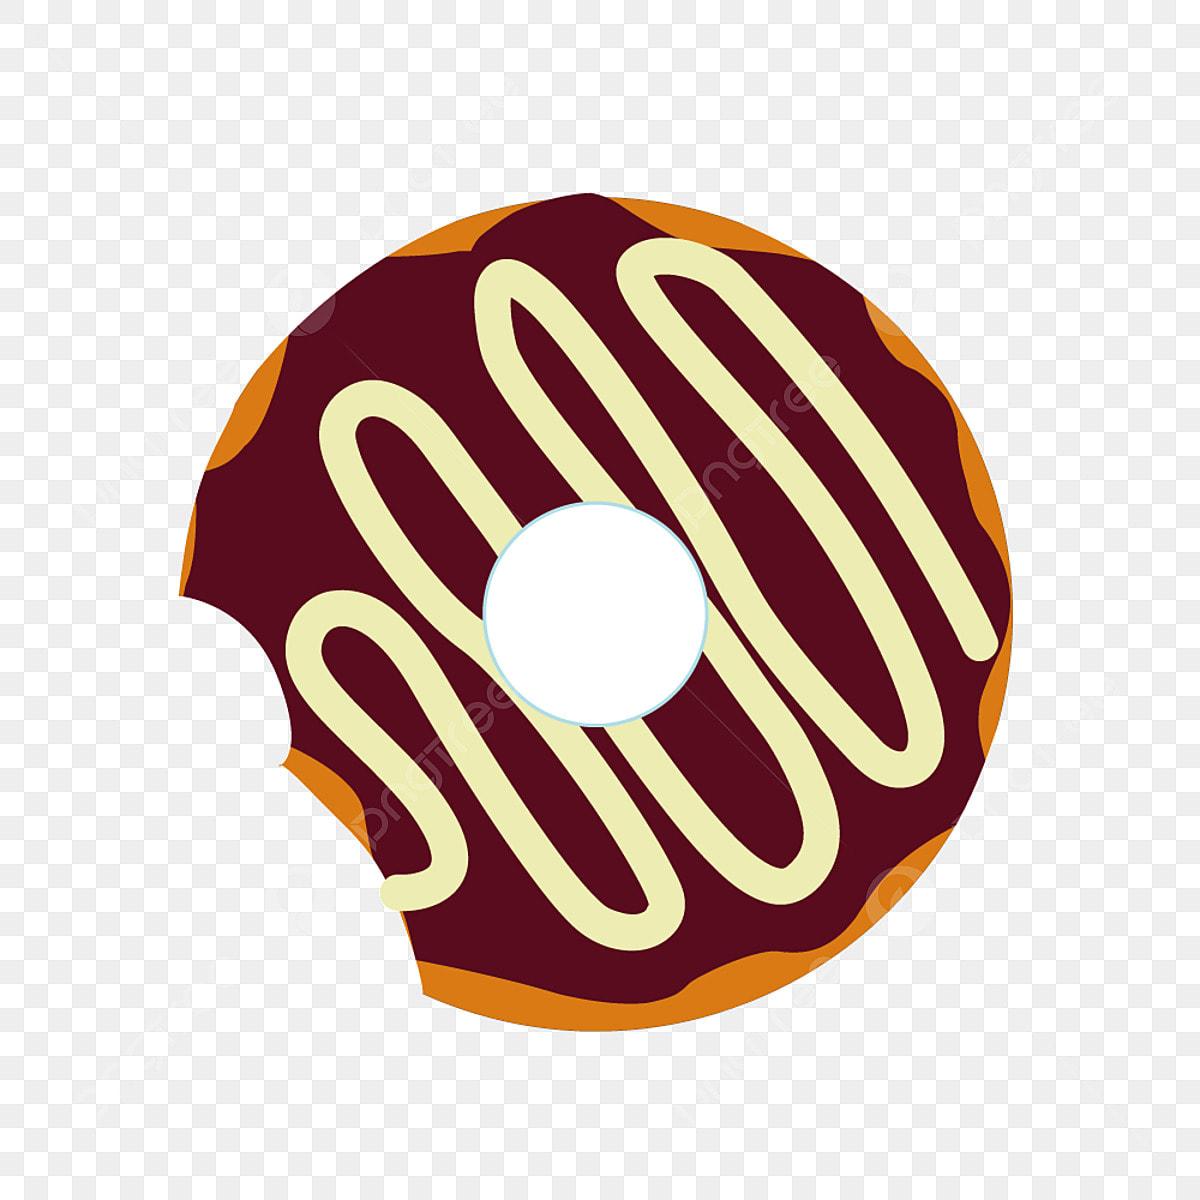 Telechargement De Donut Png En Ete Dessin Anime Dessine A La Main